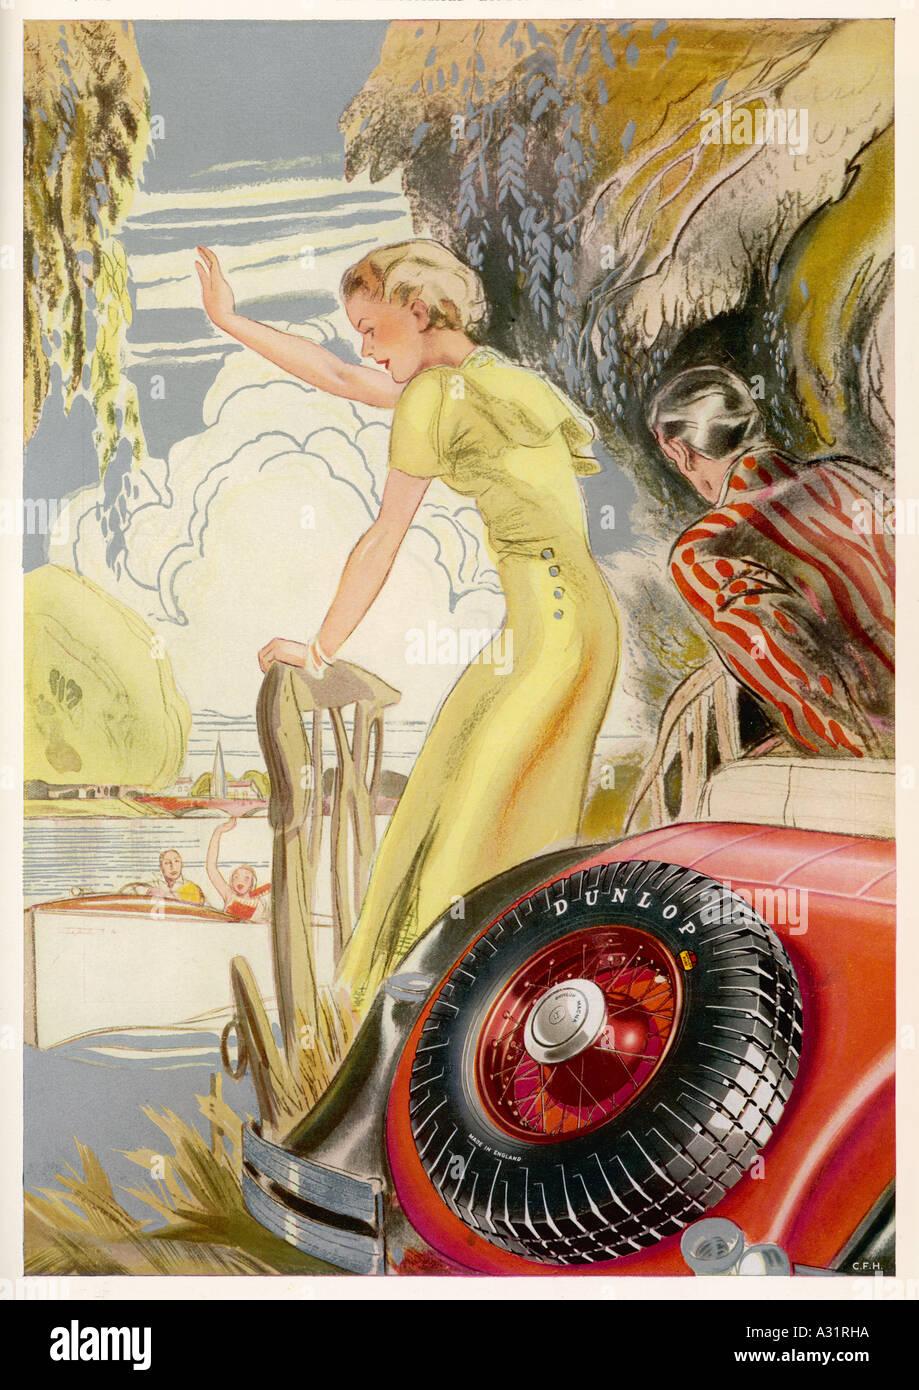 Annonce pneus Dunlop 1934 Photo Stock